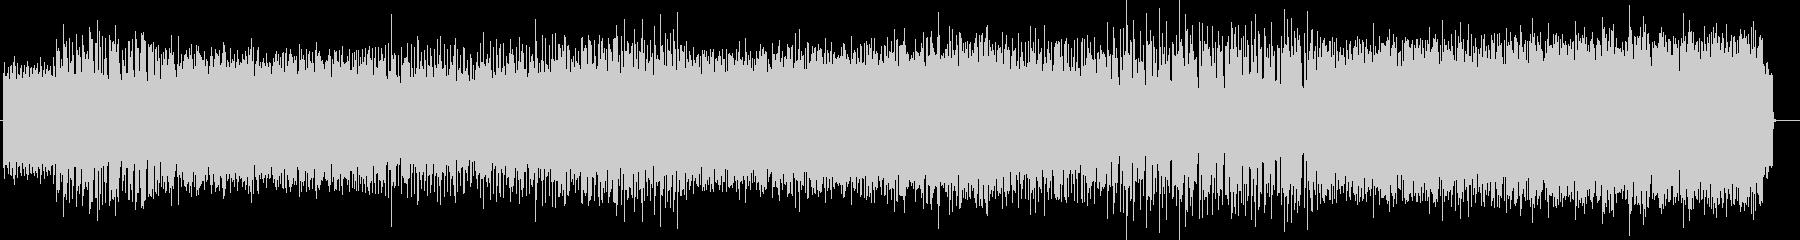 コミカルな電子音テクノ風サウンドの未再生の波形